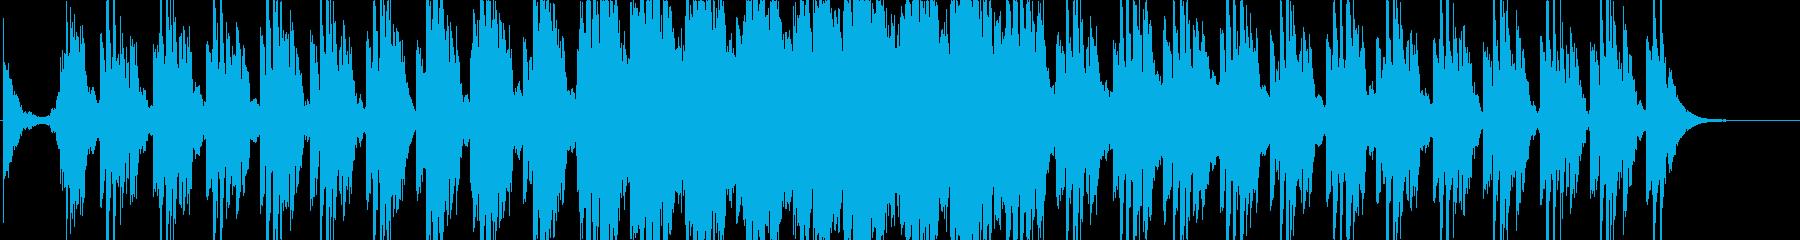 ハリウッド系の戦闘シーンの曲1の再生済みの波形